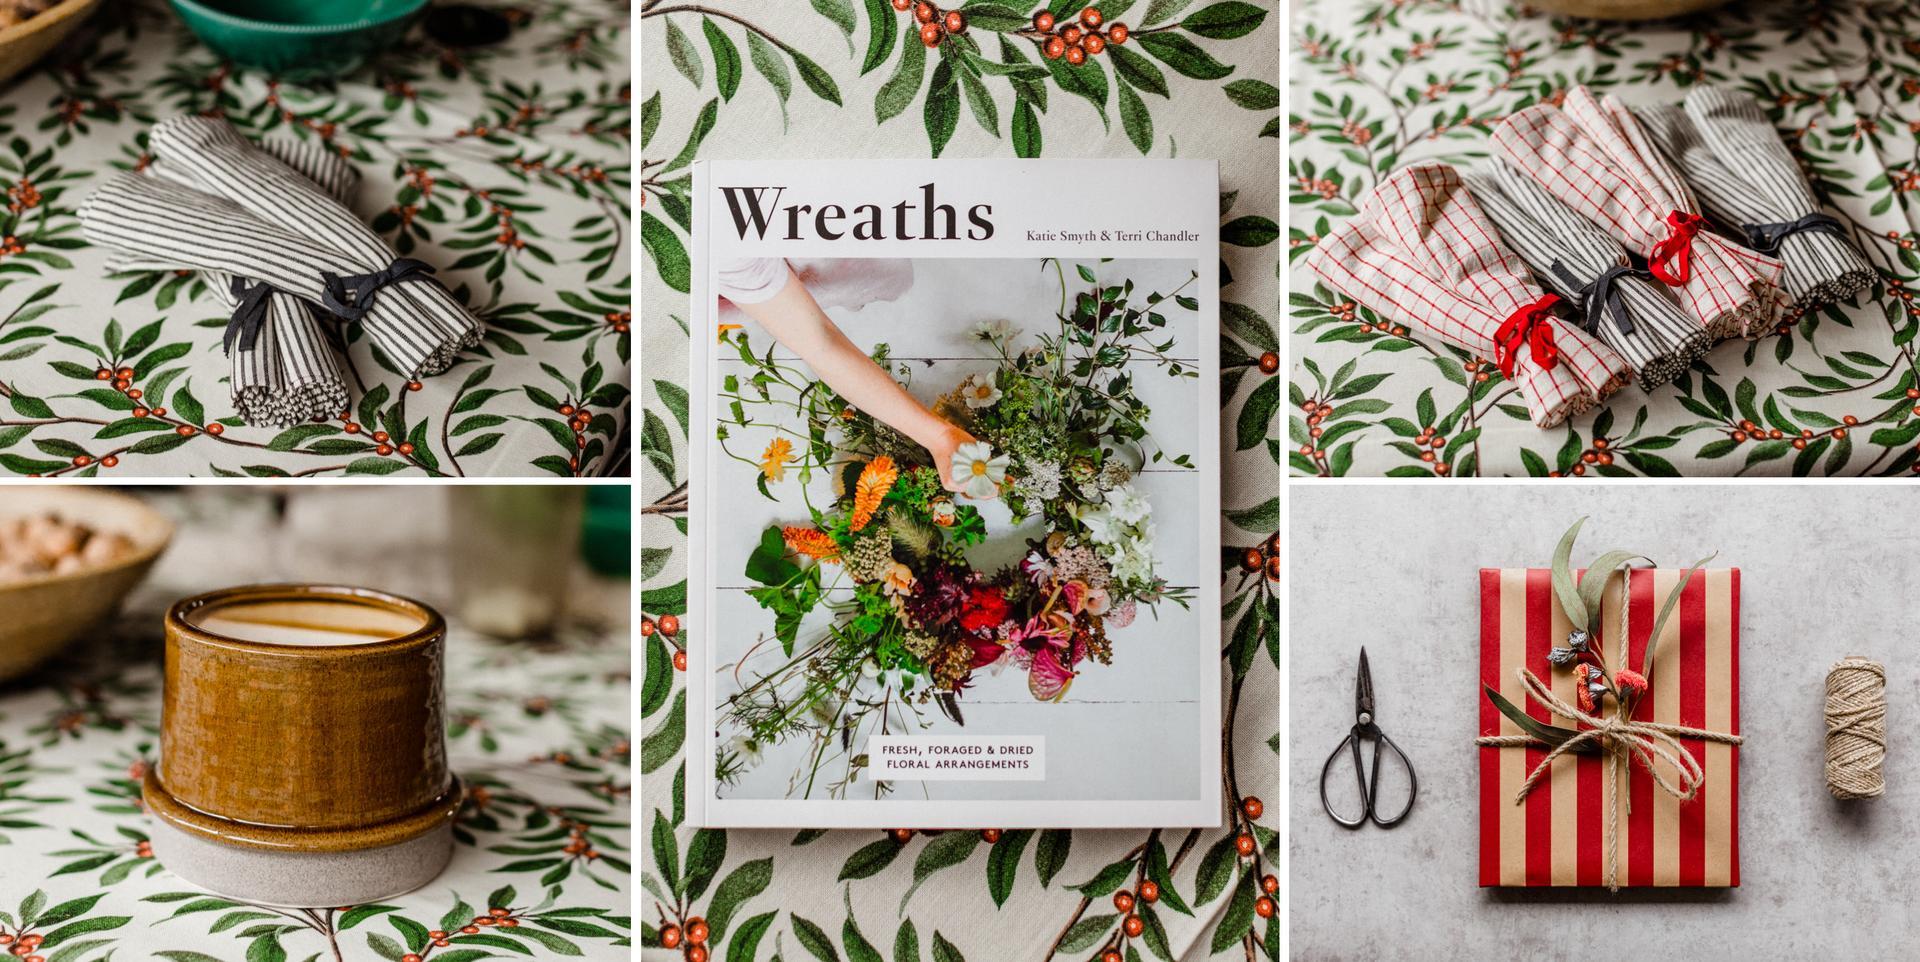 Vianoce 2020 - moje darceky. jedna vaza na kvety, kniha, servitky latkove (milujem tu bavlnu z h&m home, musela som kupit :-D ) a este dve krasne mudre knizky. tacky manzo dal uz v lete lebo som potrebovala :-D a samozrejme obrus tiez  <3